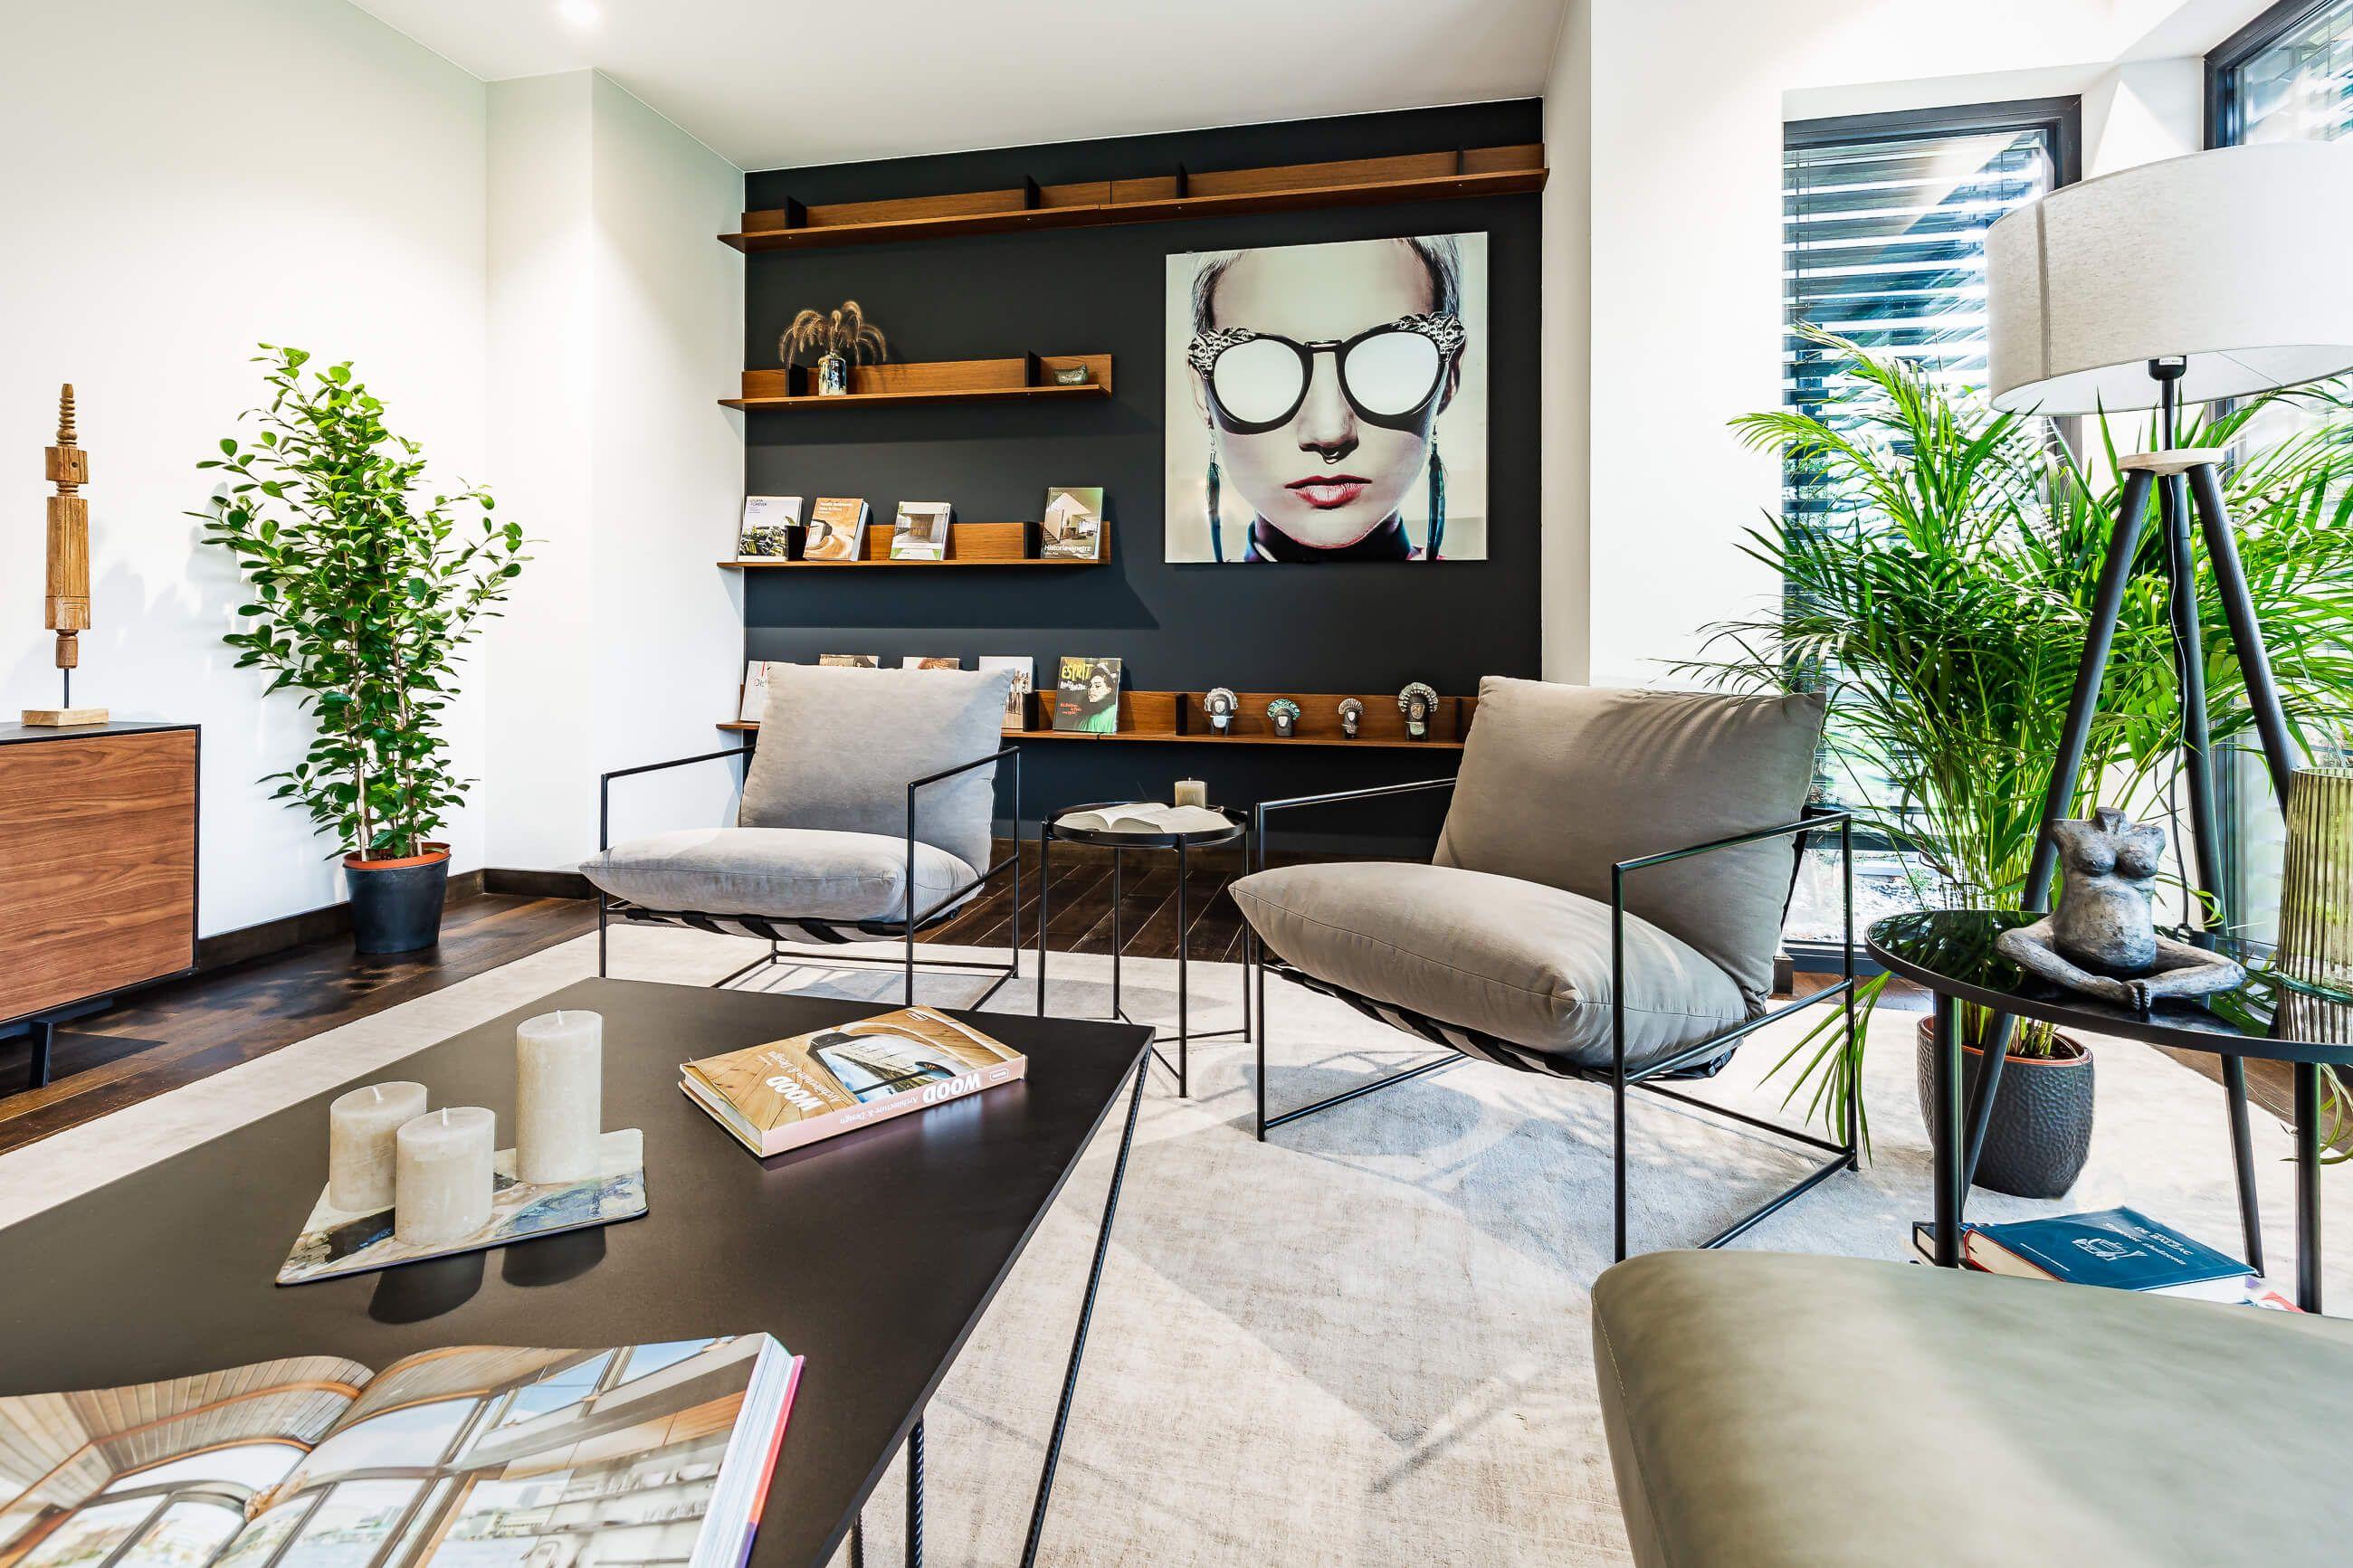 Zdjęcie wnętrza luksusowego domu dla dewelopera